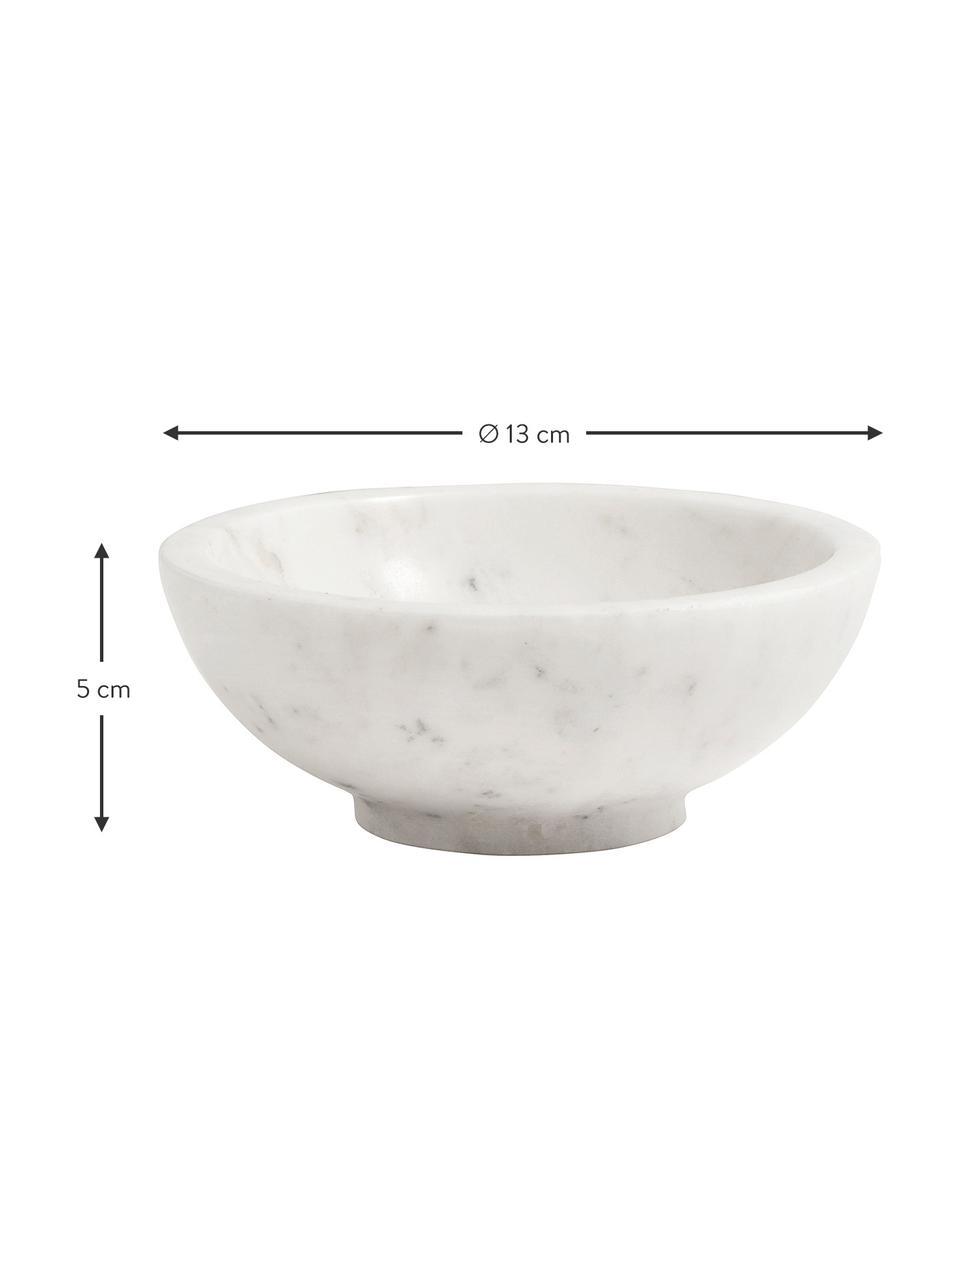 Miska z marmuru Lorka, Marmur, Biały, Ø 13 x W 5 cm